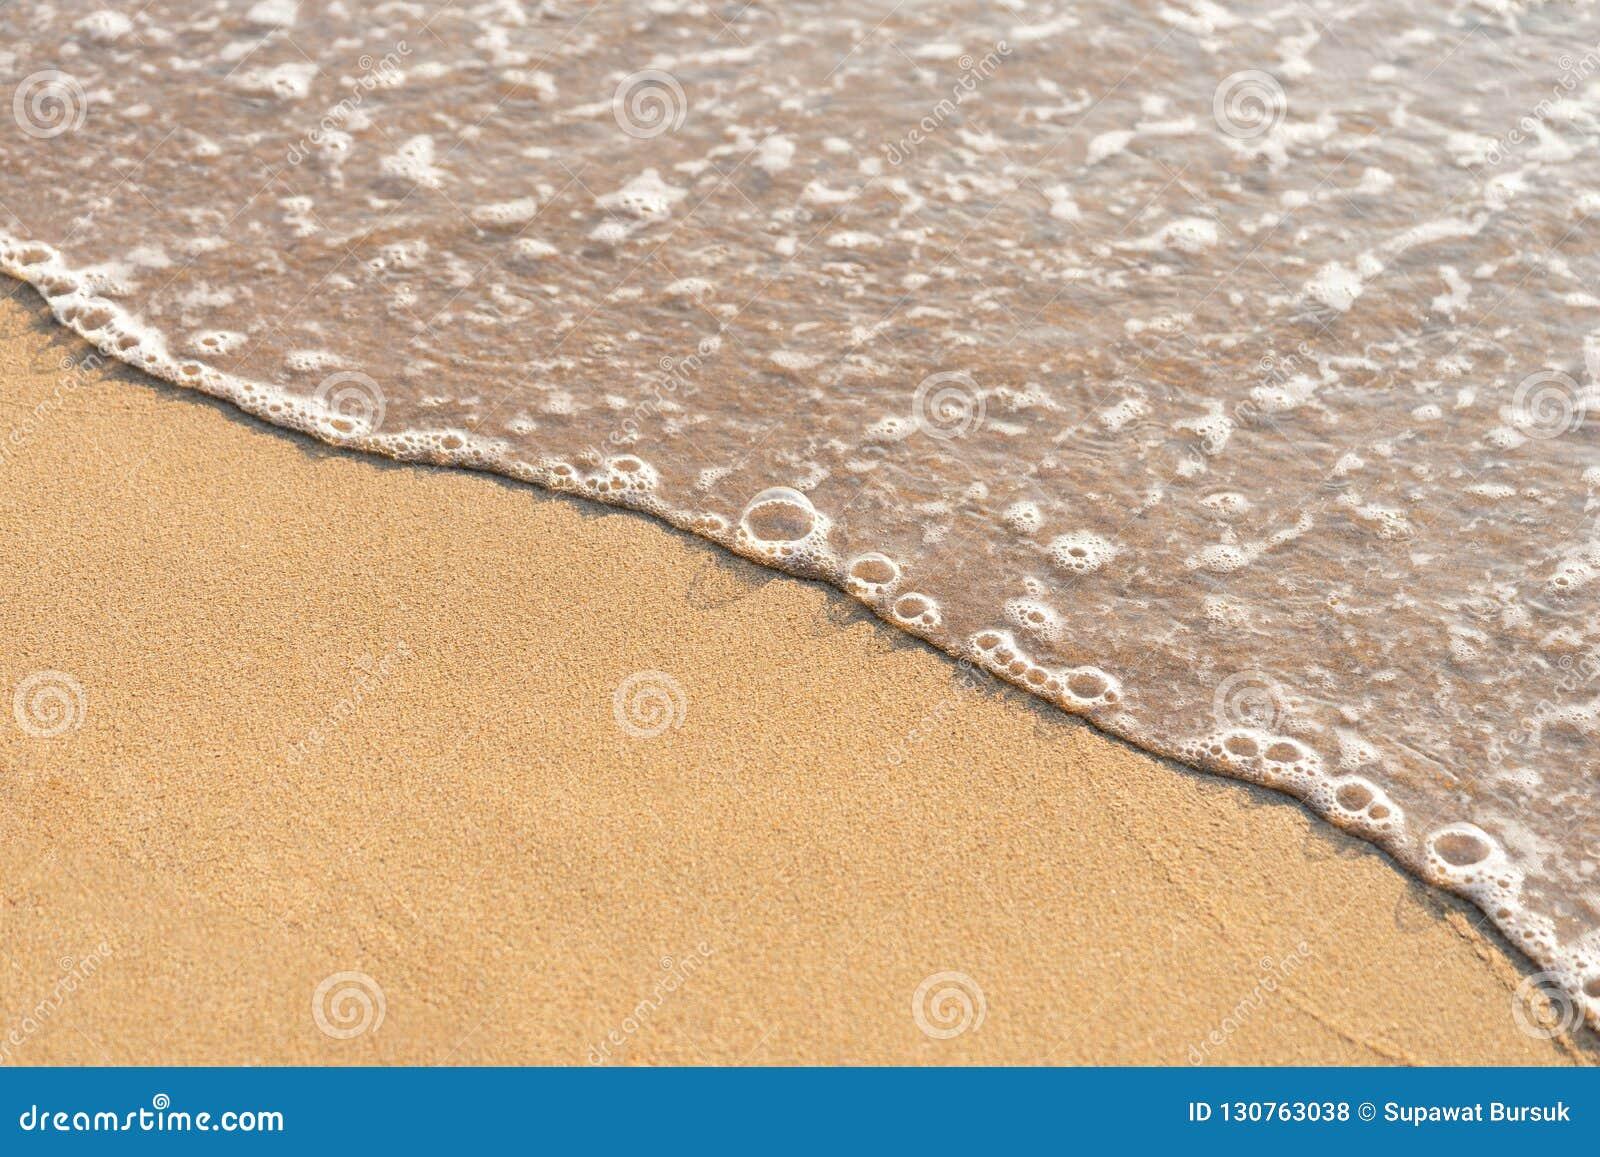 Zeewater langs het strand langs de windgolven Slagdingen omhoog